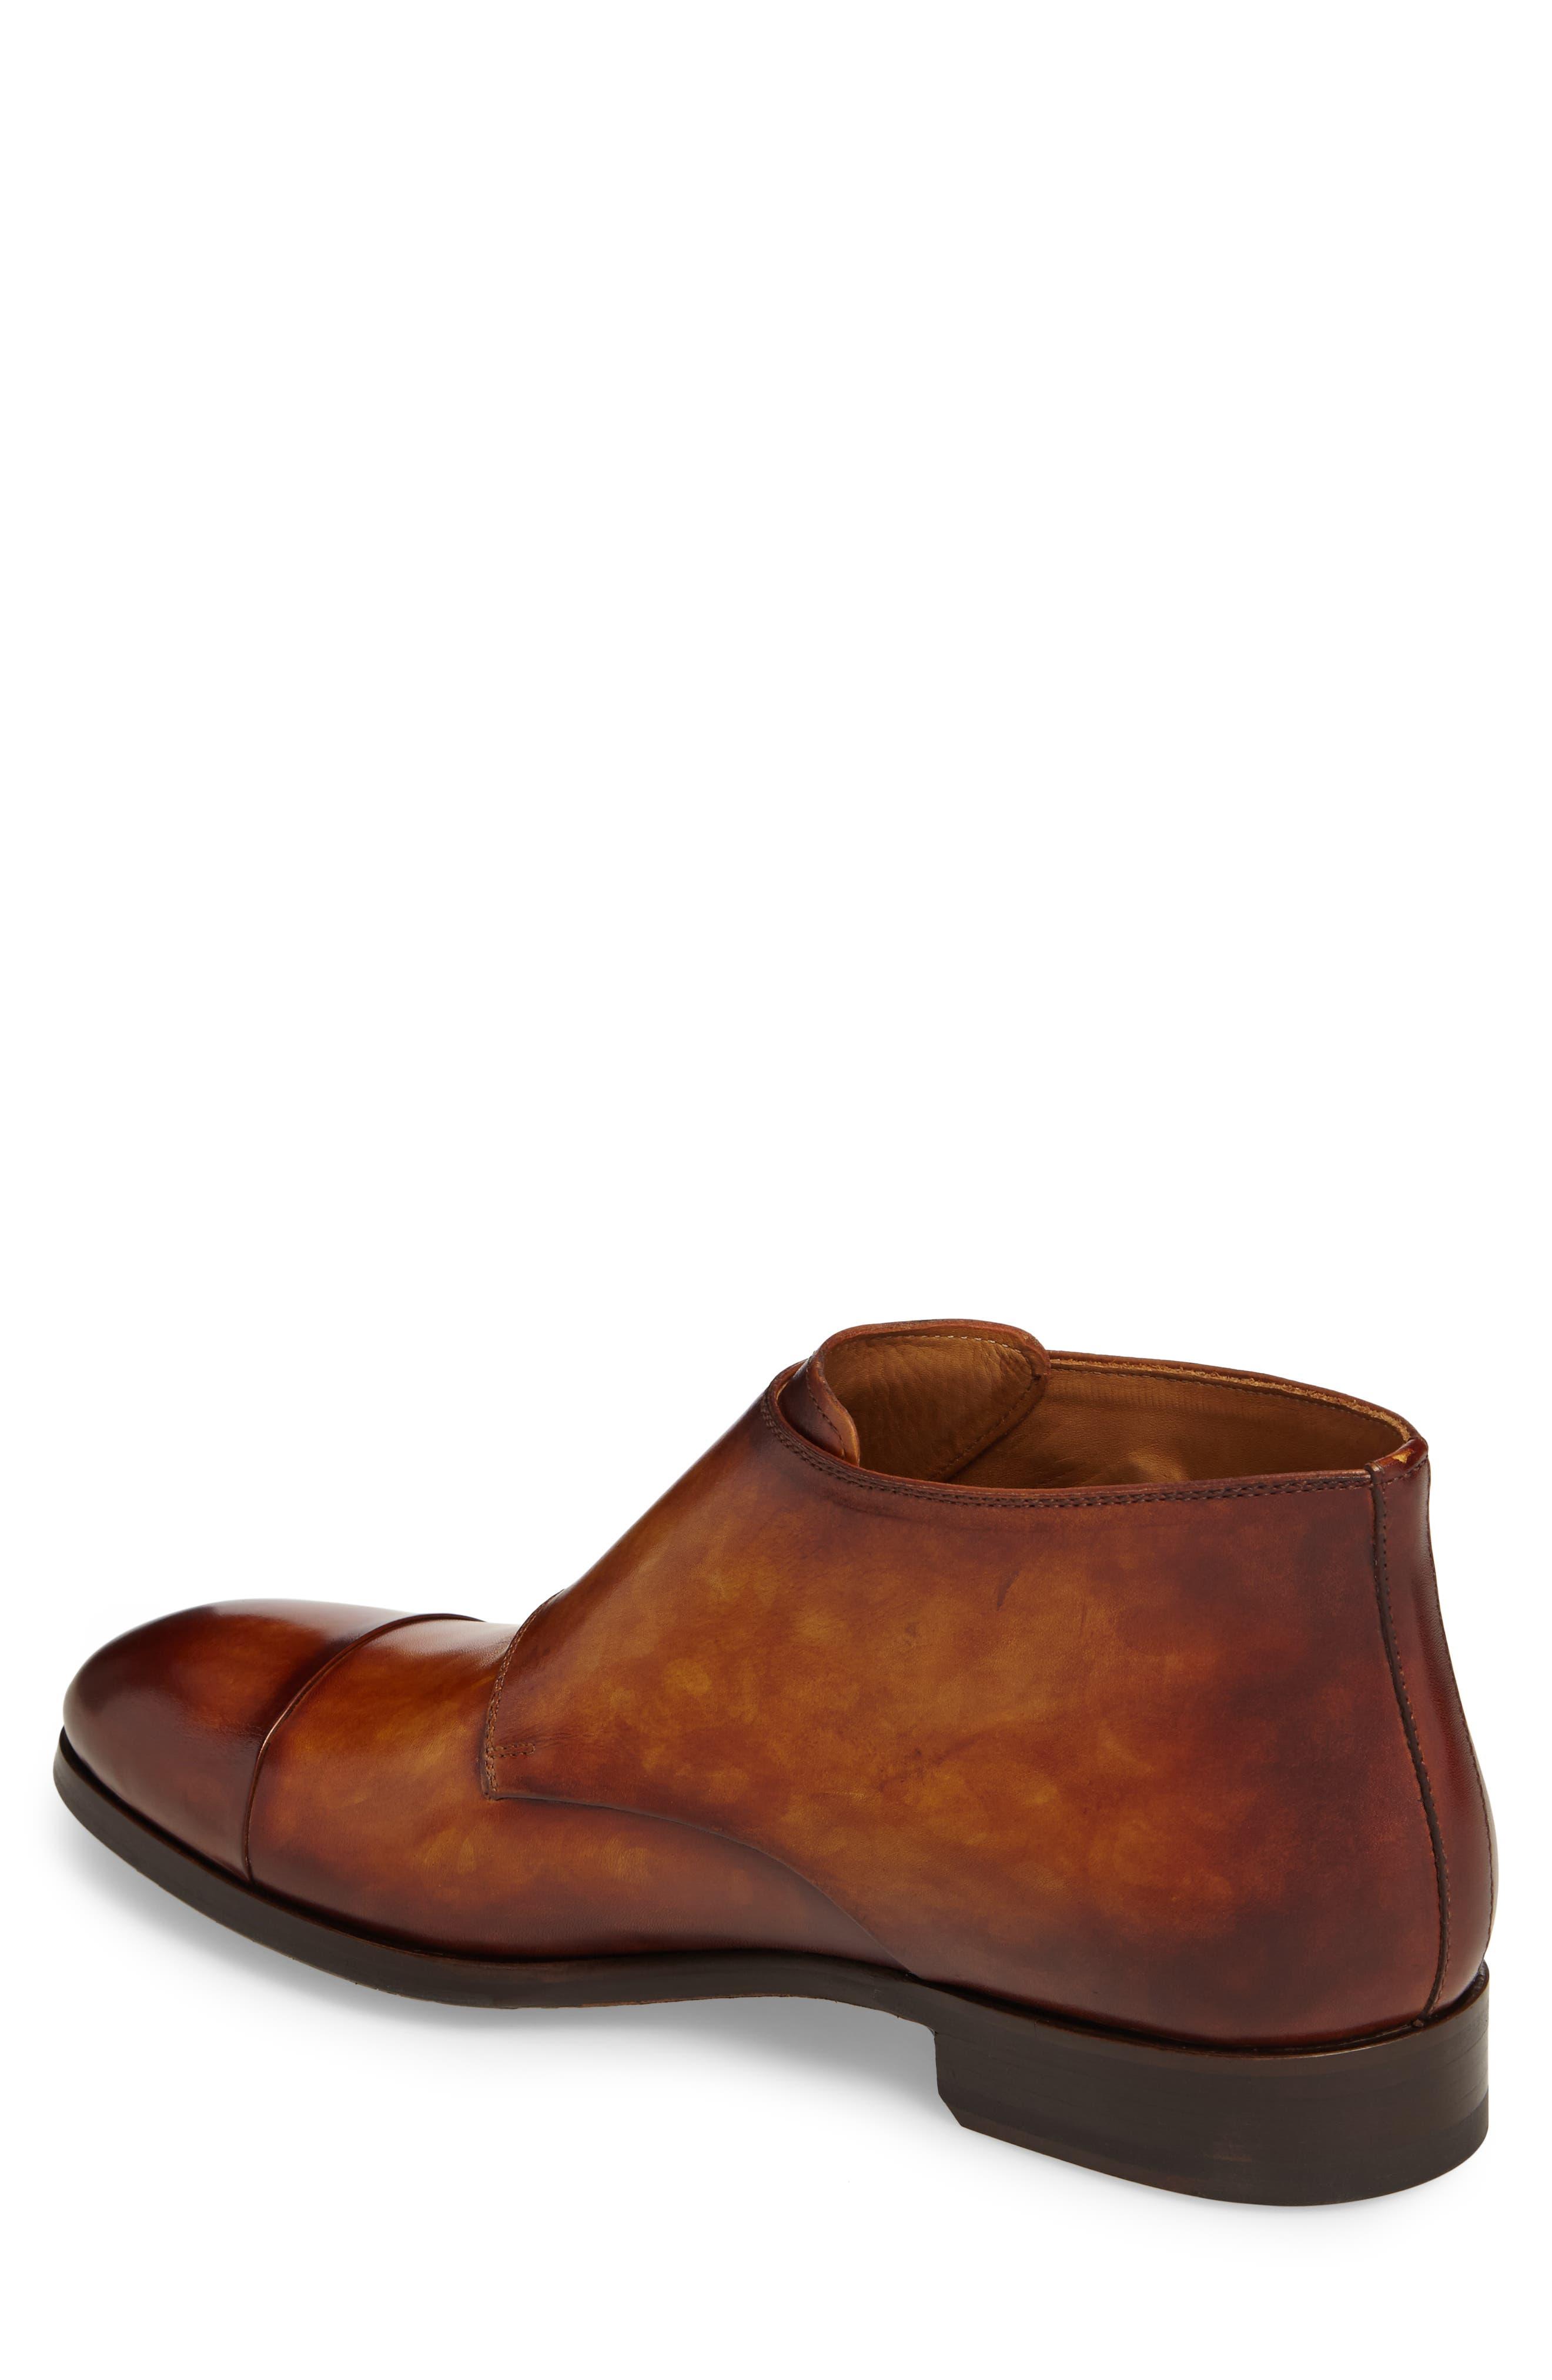 Alternate Image 2  - Magnanni Lavar Double Monk Strap Boot (Men)